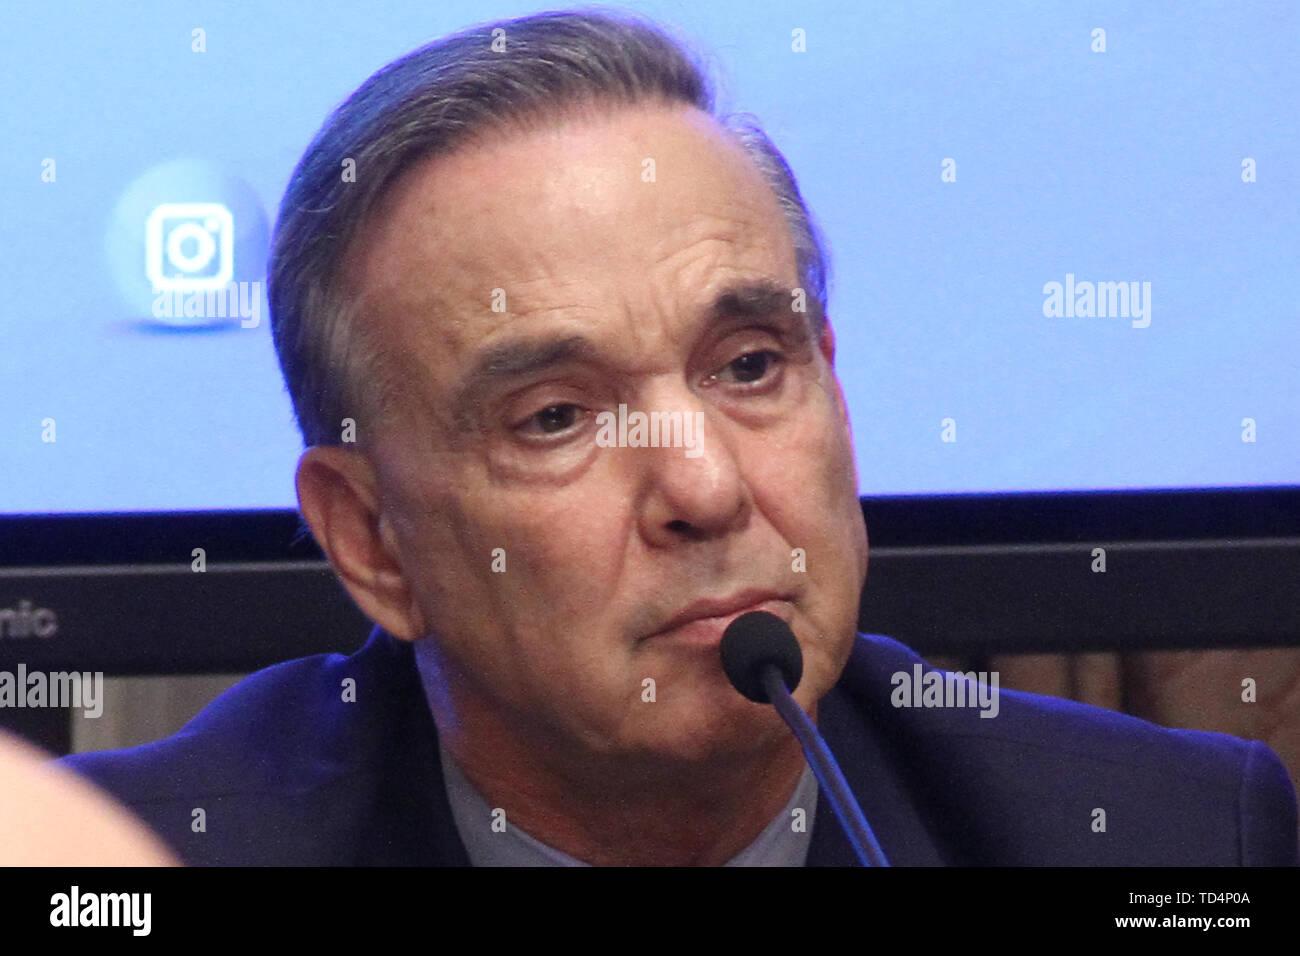 BUENOS AIRES, 11.06.2019: Miguel Angel Pichetto kündigt an, dass er nahm die Einladung von Präsident Mauricio Macri ihm als seine Re begleiten - wählen Stockbild